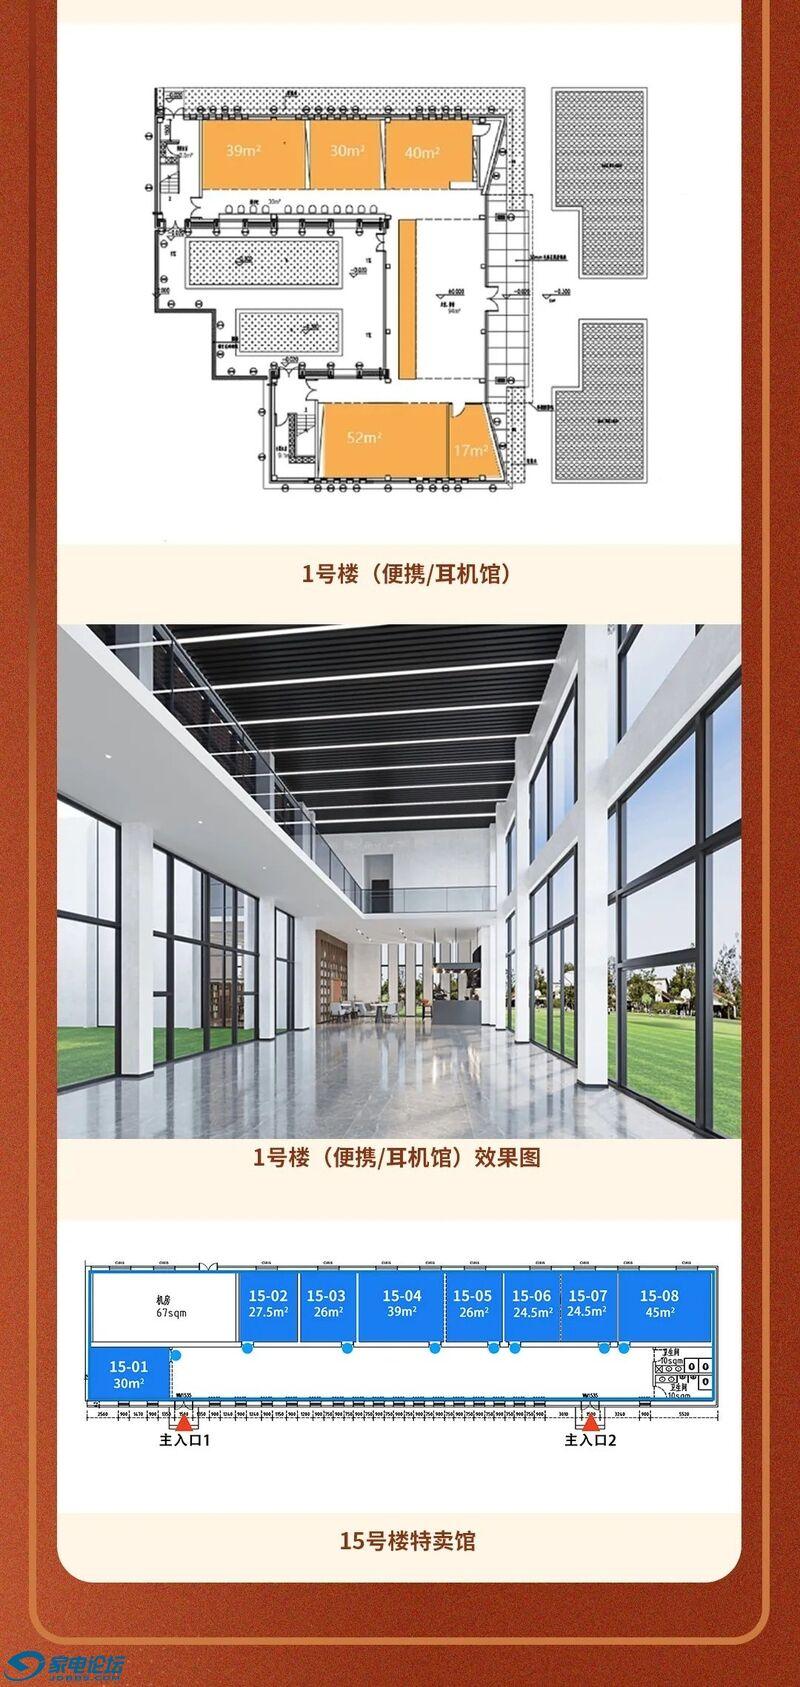 2022北京国际音响展_008.jpeg